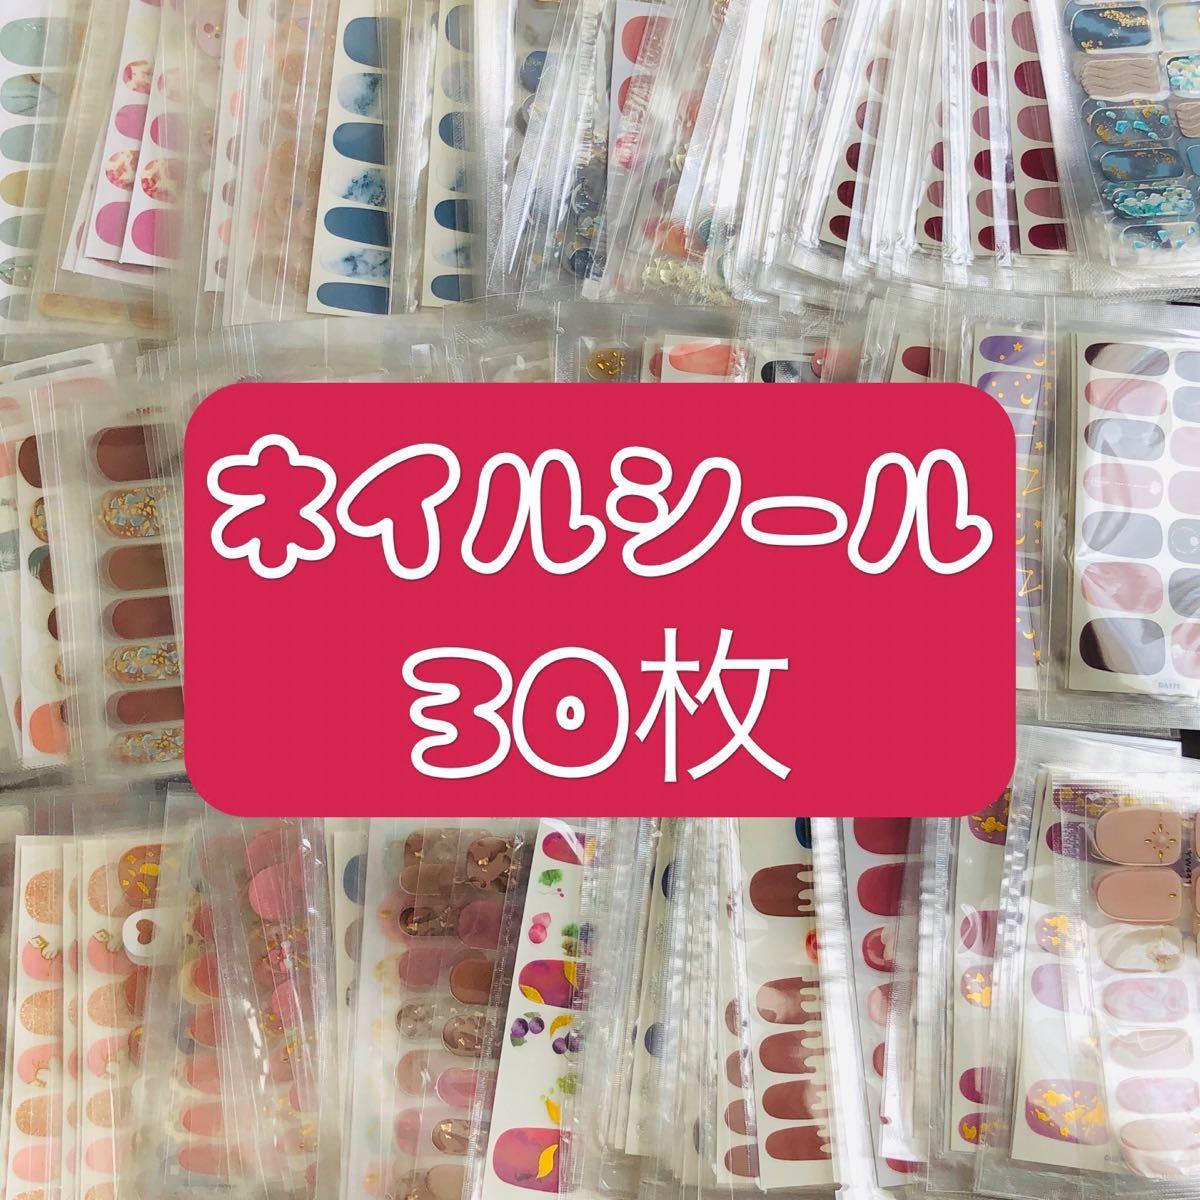 【限定価格!】ネイルシール ハンド フット 30枚セット ランダム